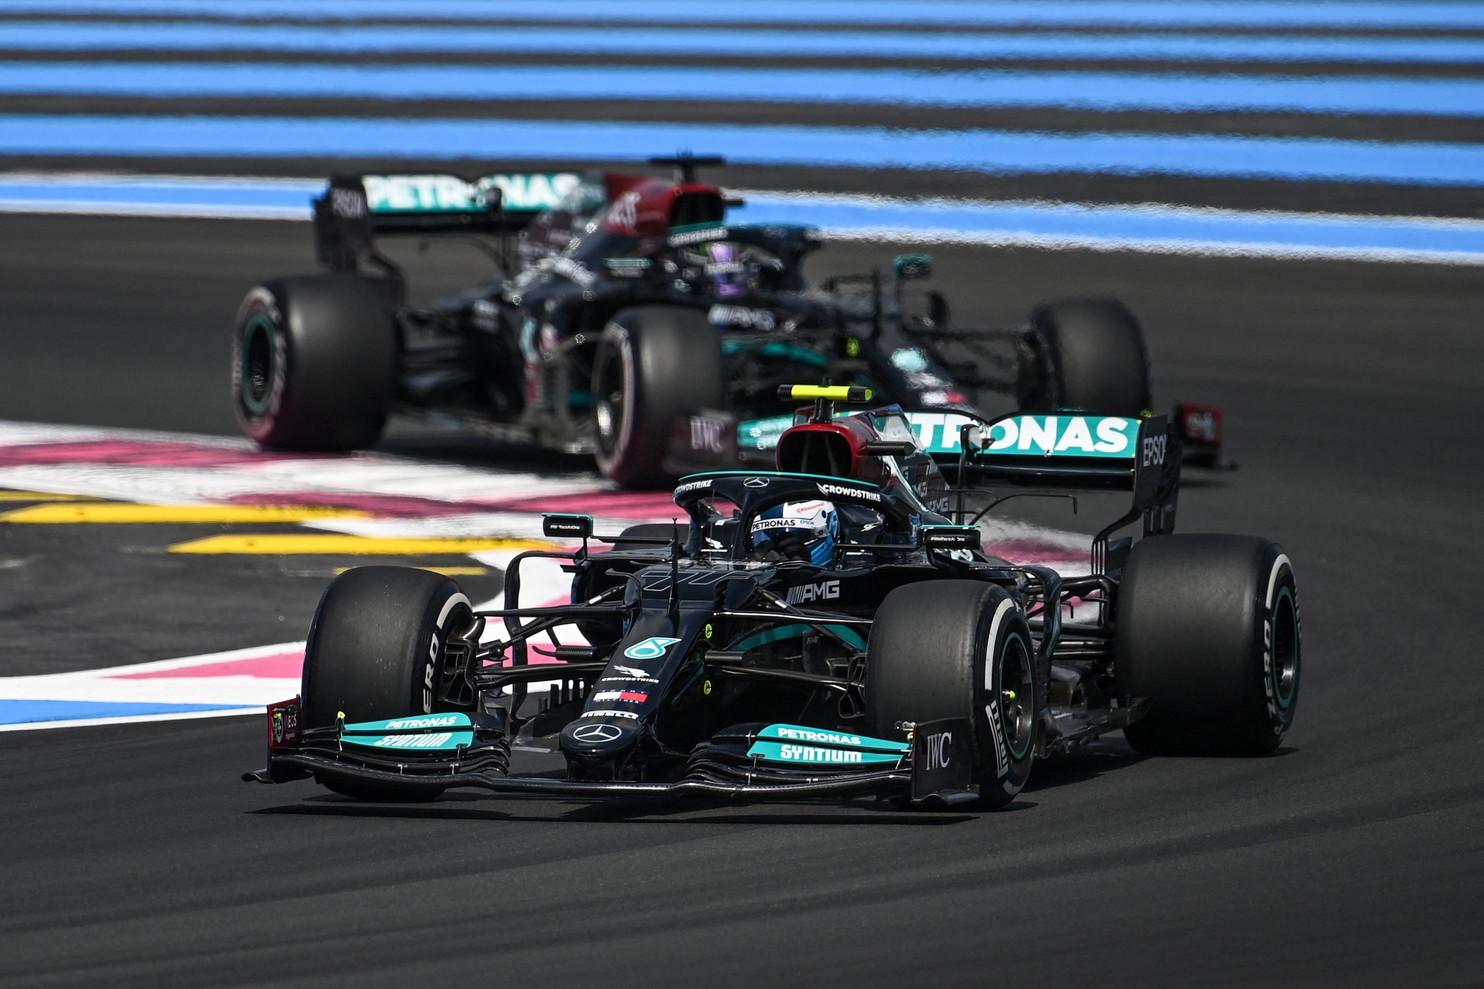 Le monoposto di F1 tornano a sfrecciare al &quot;Picard&quot; di Le Castellet, dove Lewis Hamilton ha avuto la meglio nelle due edizioni precedenti (2018 e 2019).<br /><br />